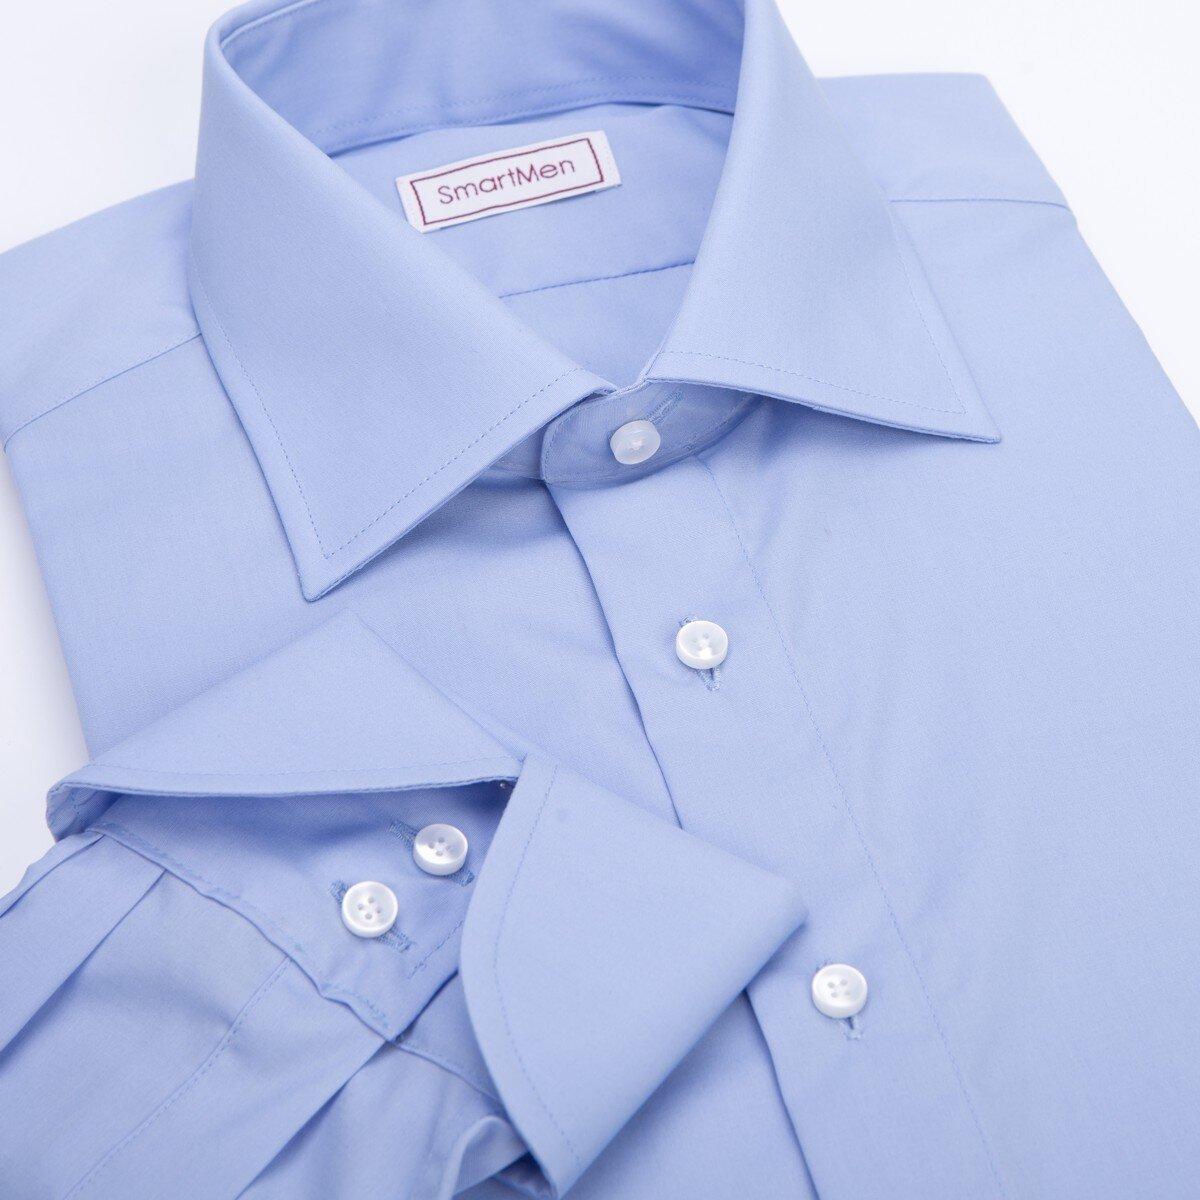 cc4f14e7132c Spoločenská modrá košeľa manžeta James Bond